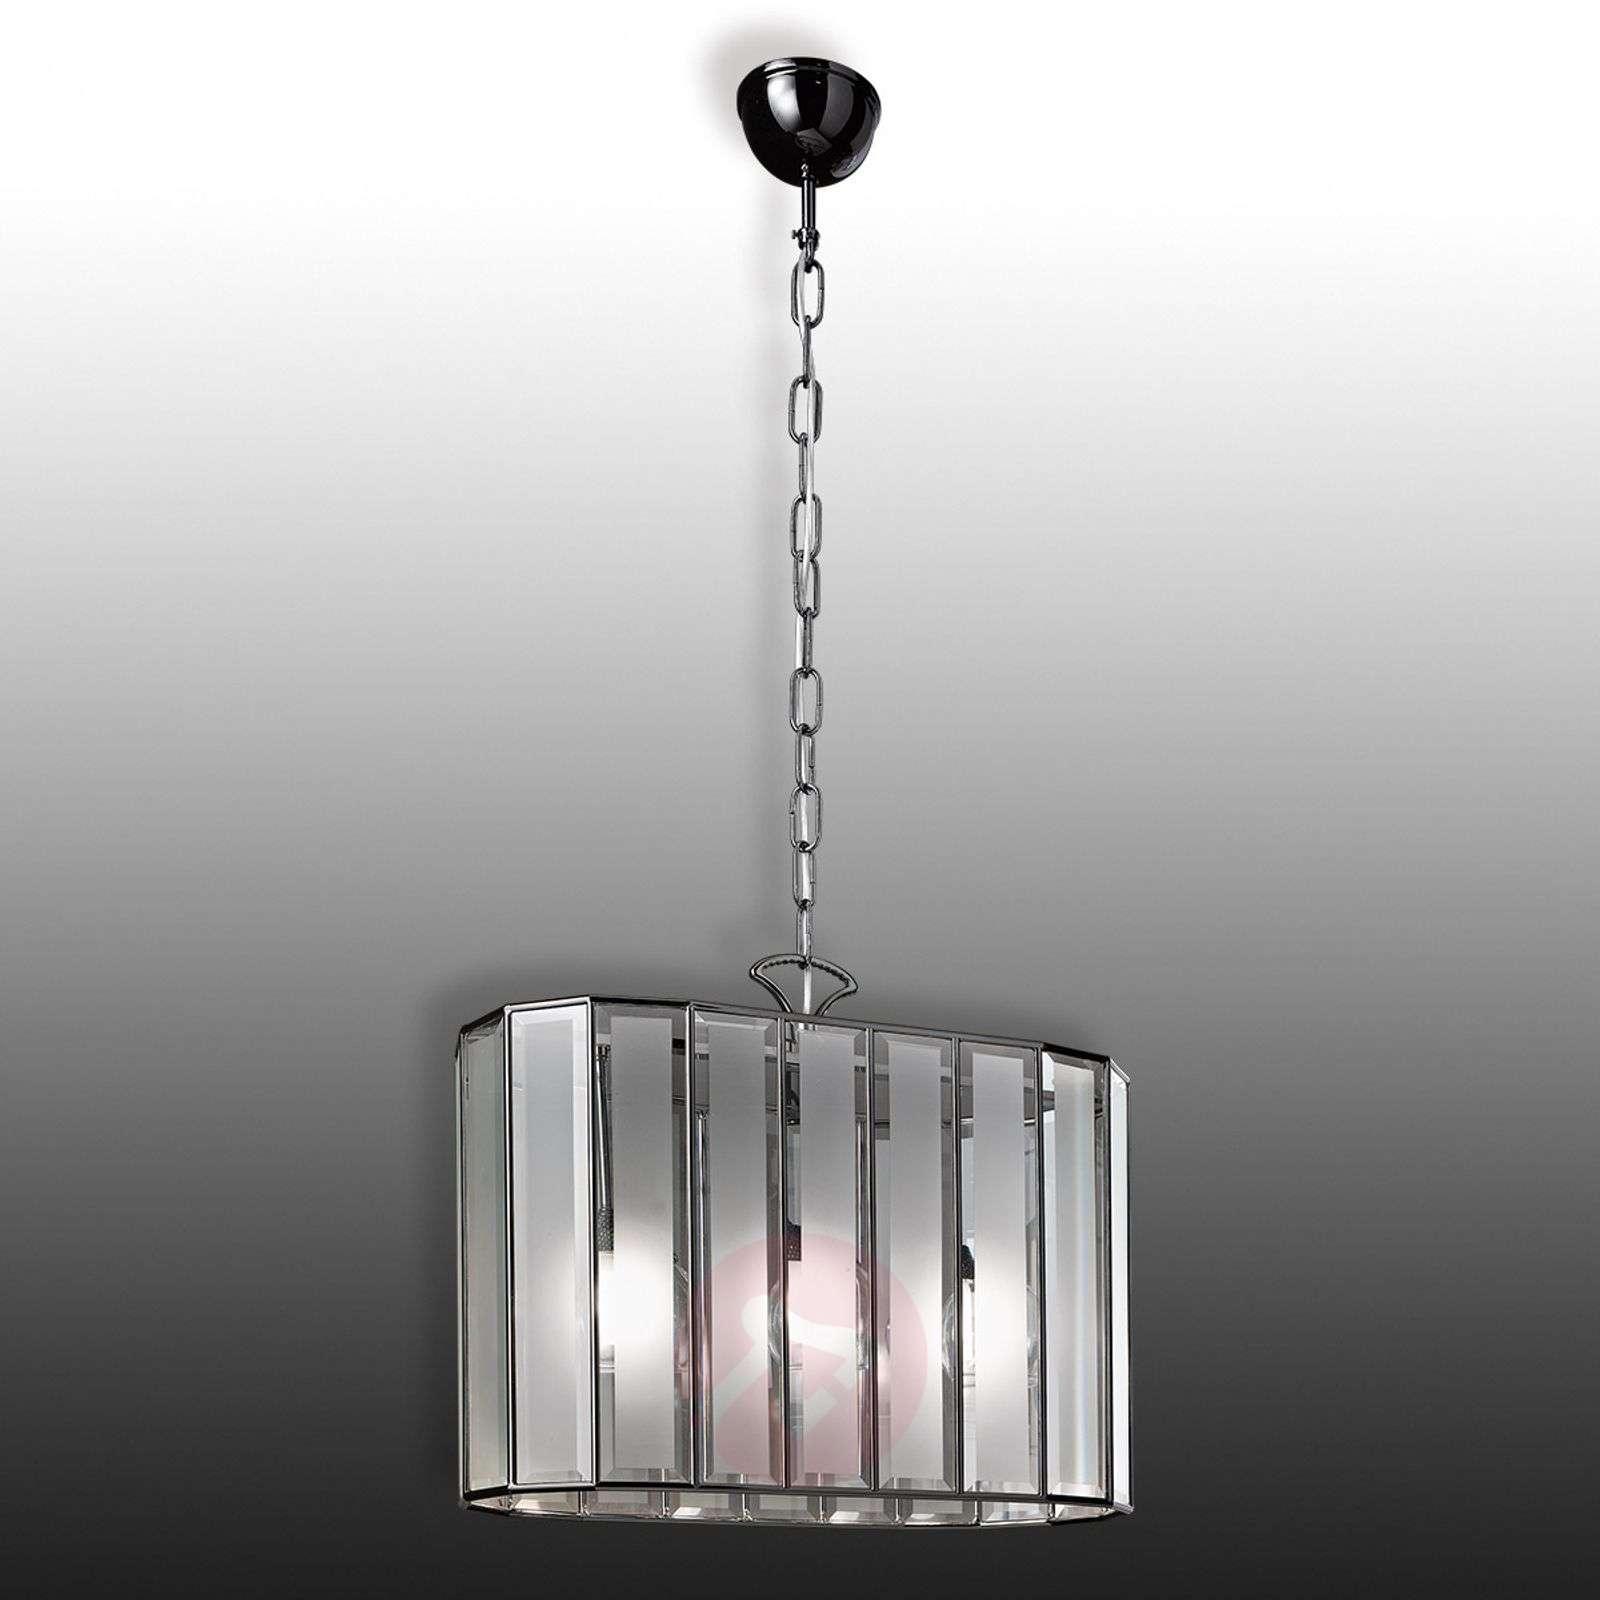 Ovaali riippuvalaisin Buona Visione, 3-lamppuinen